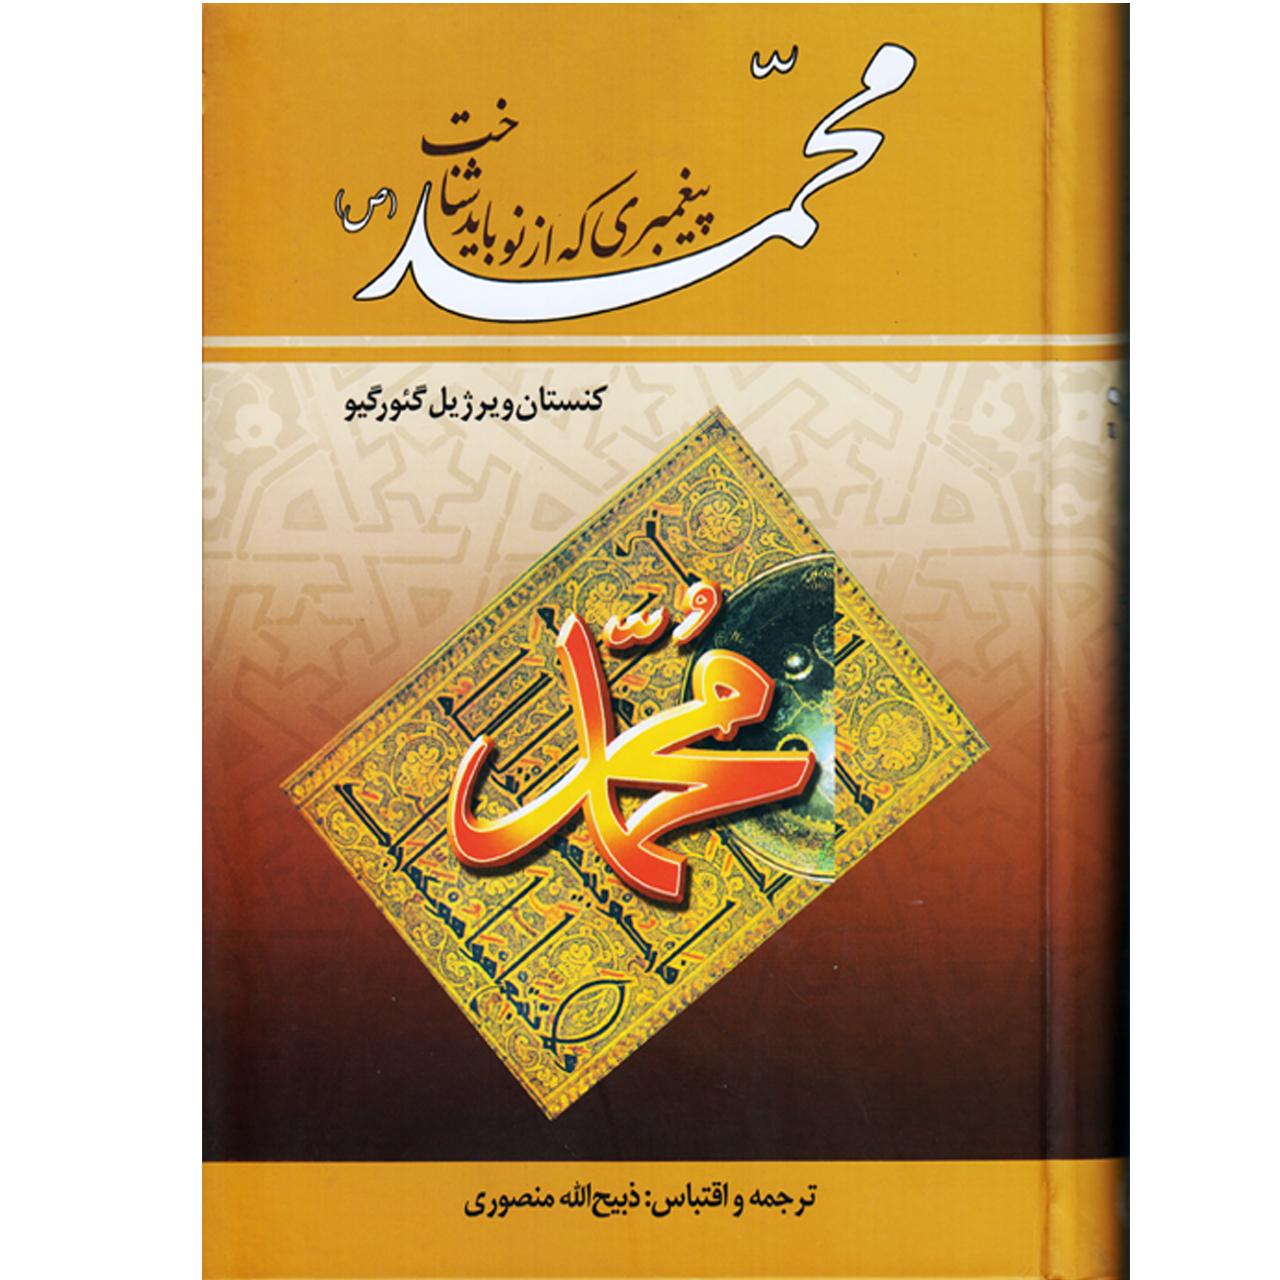 خرید                      کتاب محمد پیغمبری که از نو باید شناخت اثر کنستان ویرژیل گئورگیو